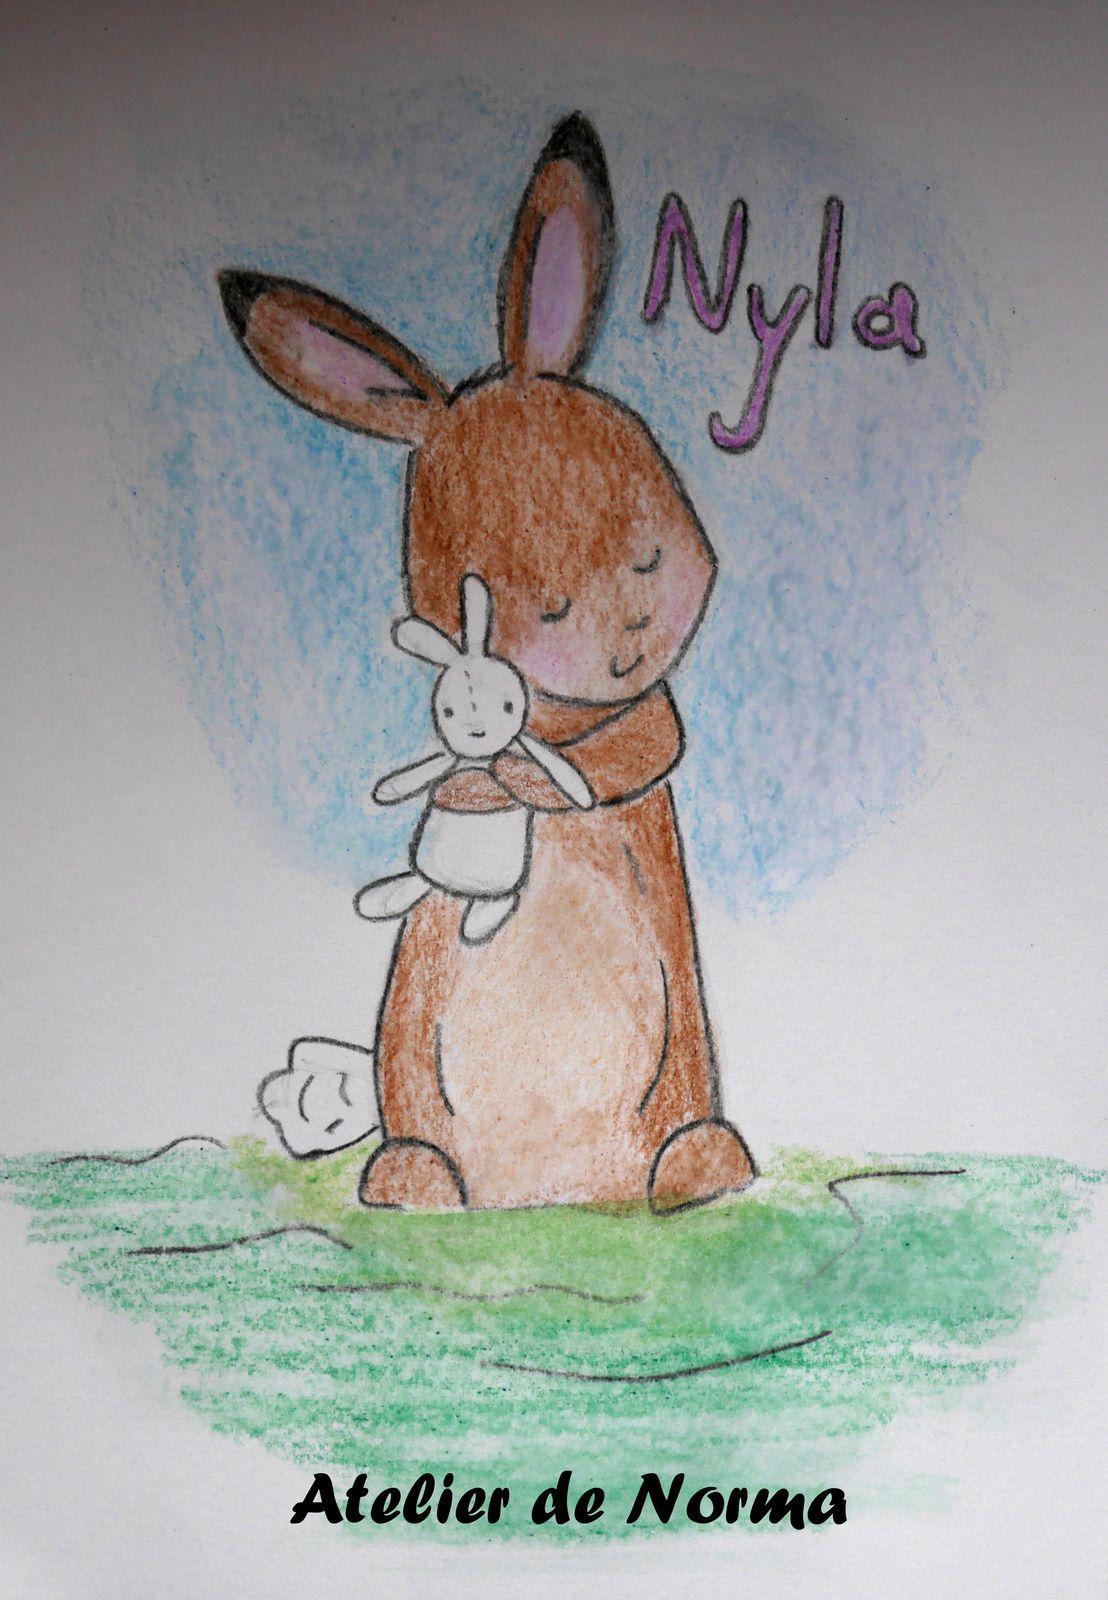 S'il te plaît, dessine moi un lapin